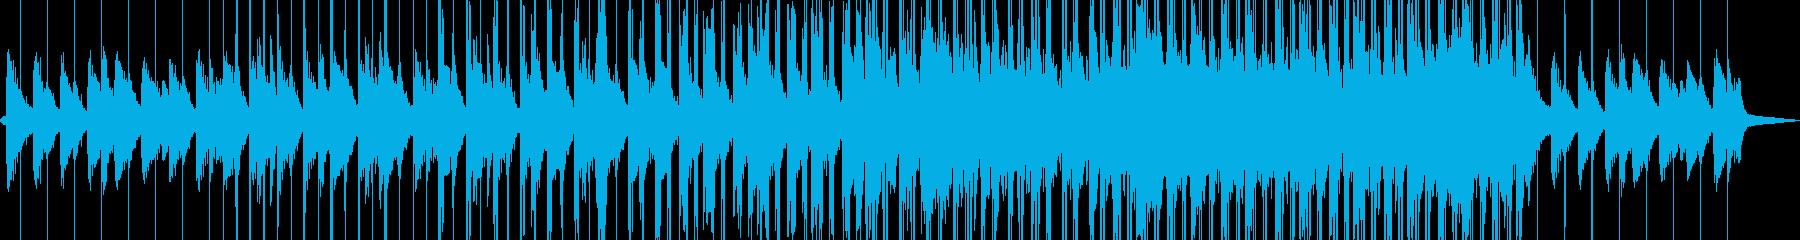 雨、チルアウト、ローファイ、ピアノの再生済みの波形